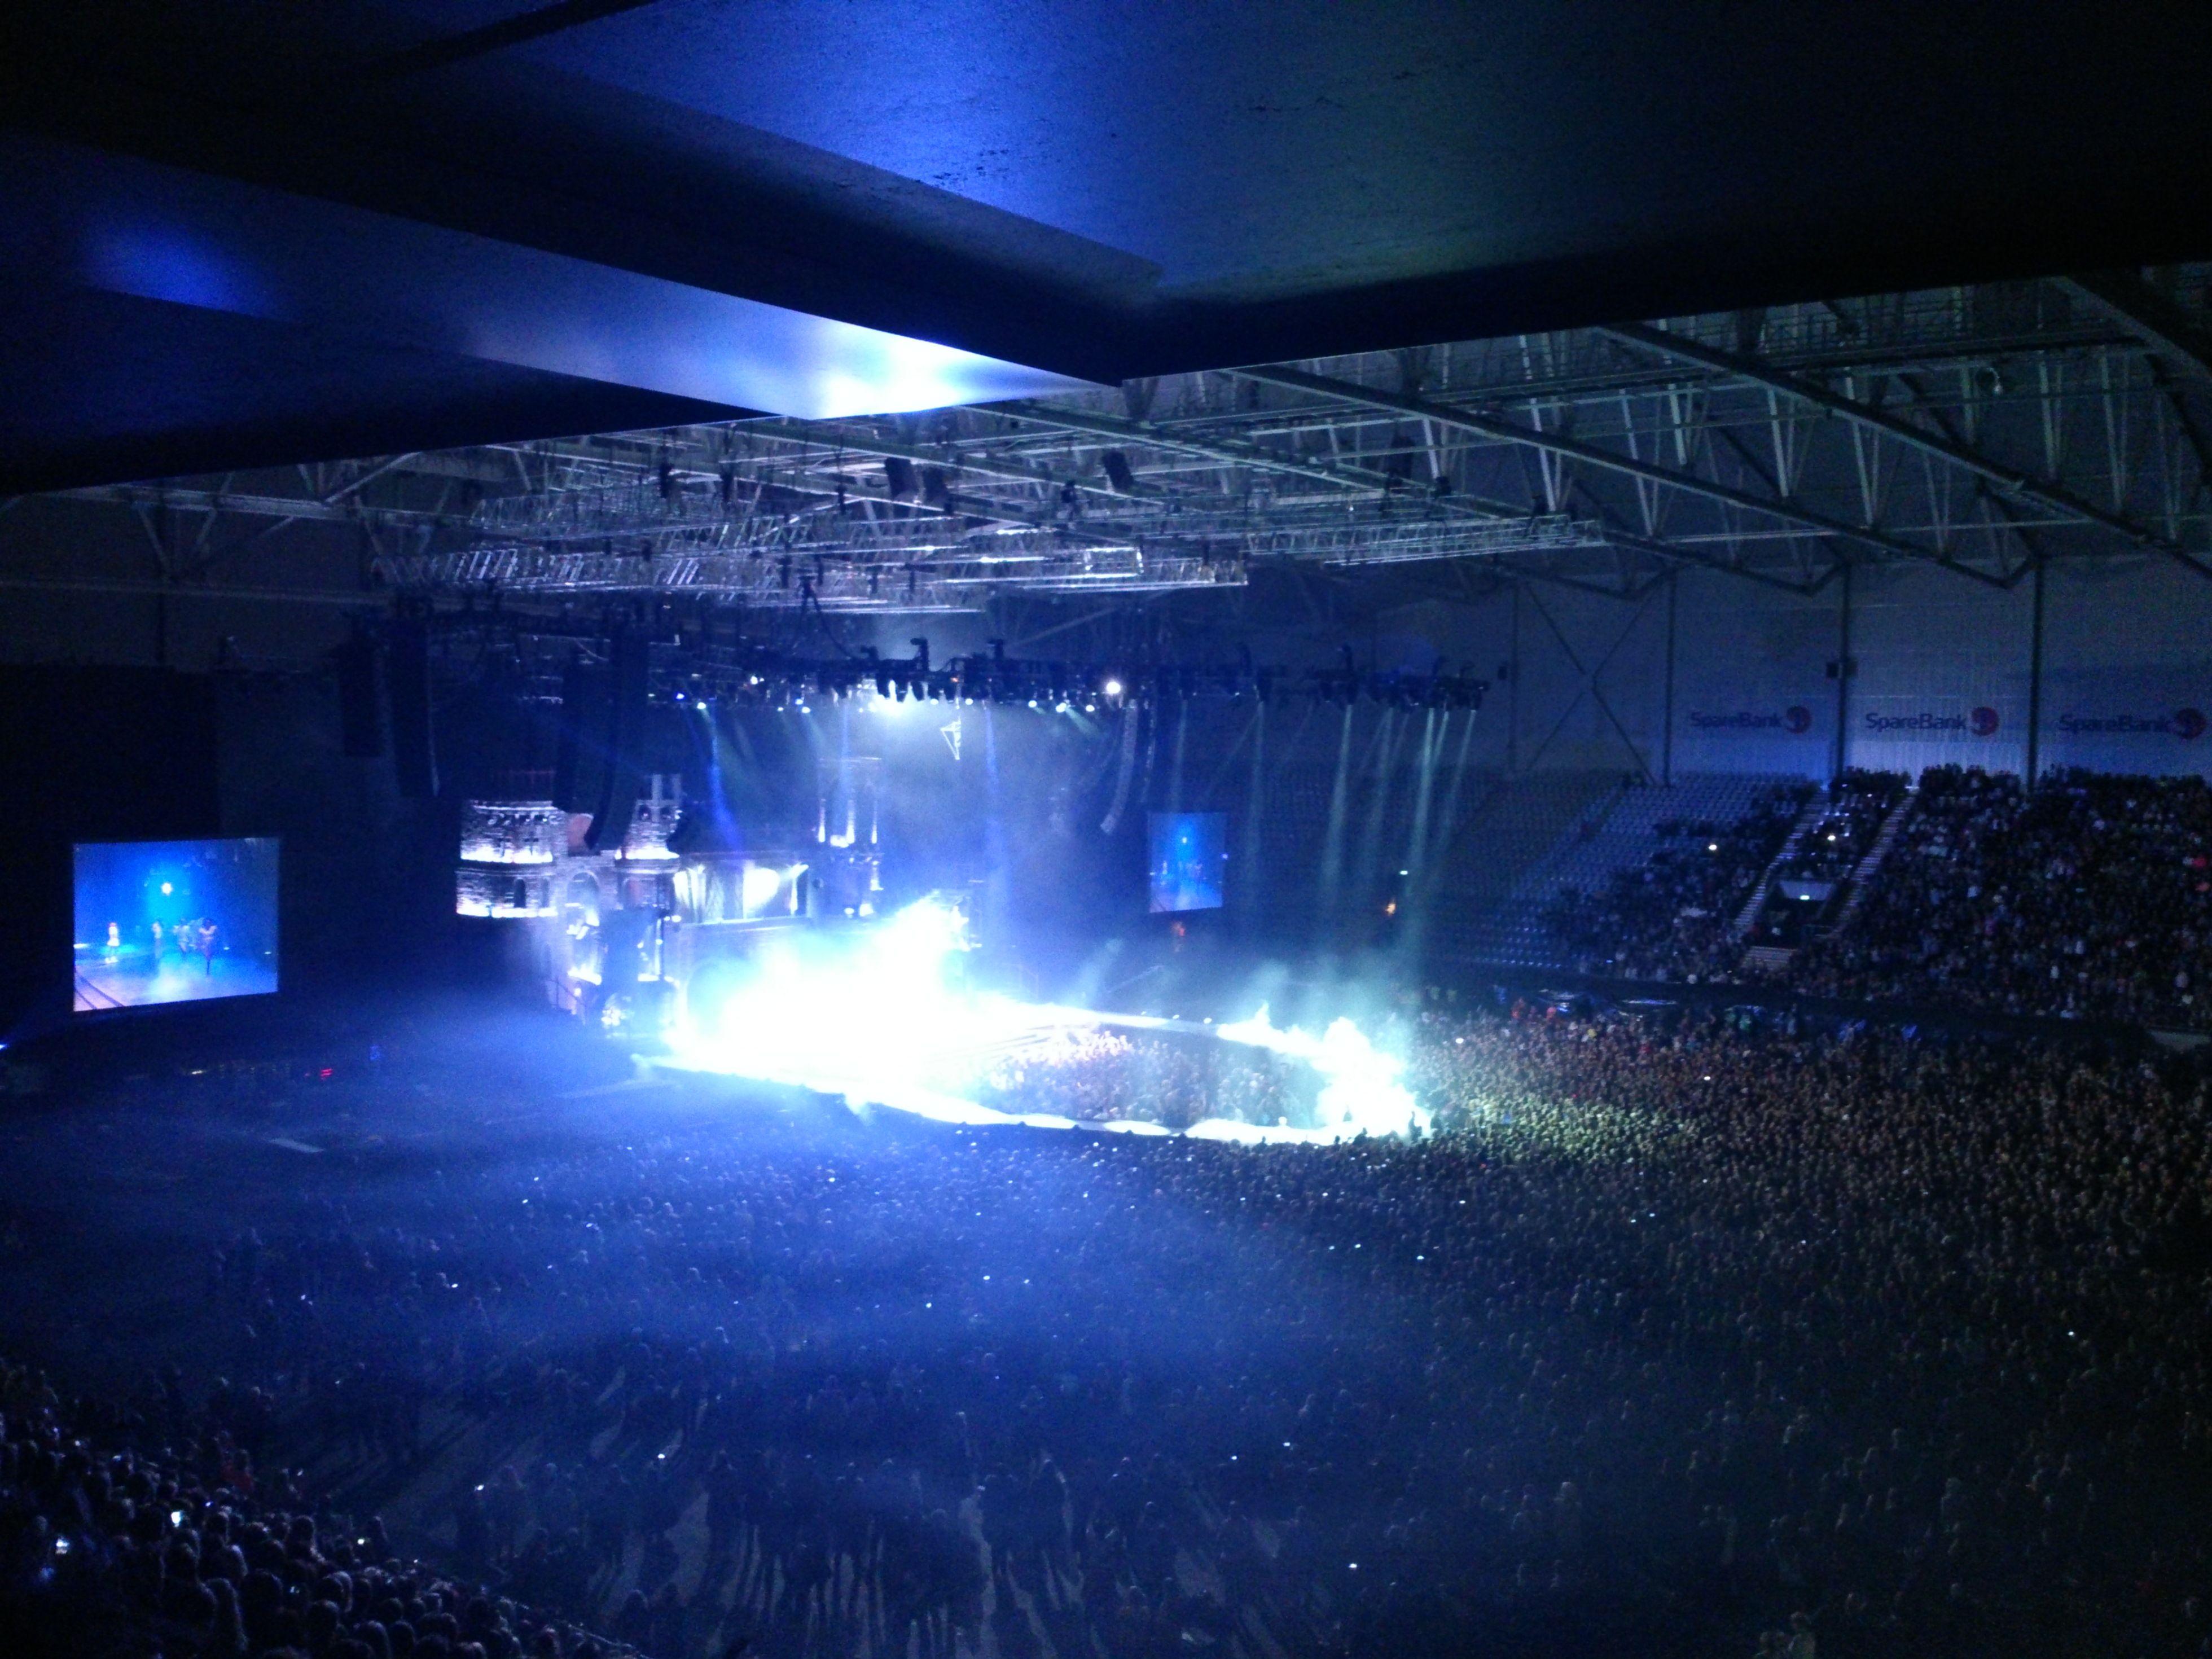 Mørk hall, lang avstand og skarpt scenelys. Telenor Arena.